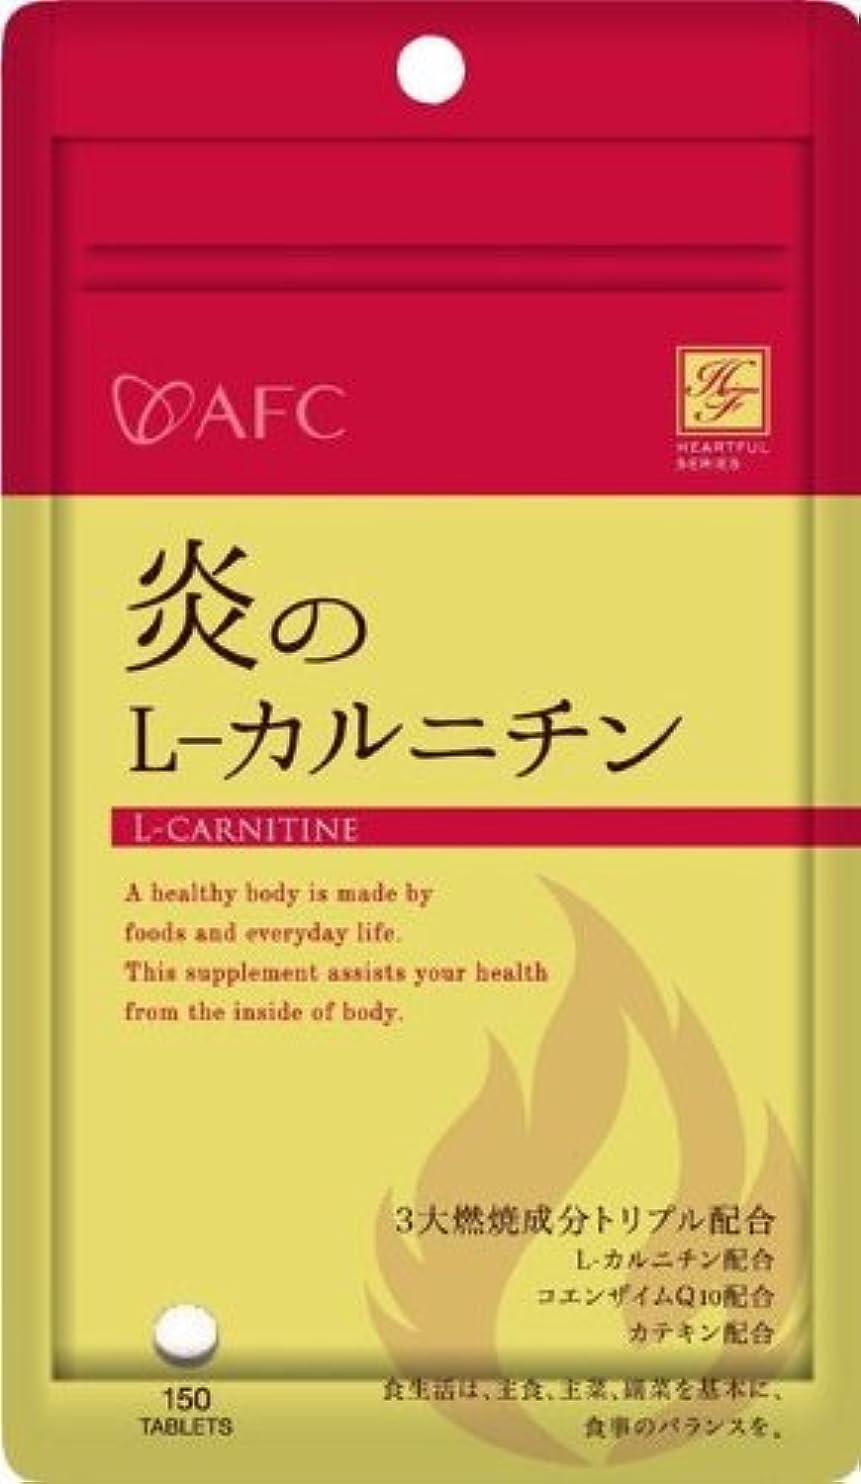 夜間先のことを考える祝福するAFC(エーエフシー) ハートフルシリーズサプリ 炎のL-カルニチン HFS11×6袋